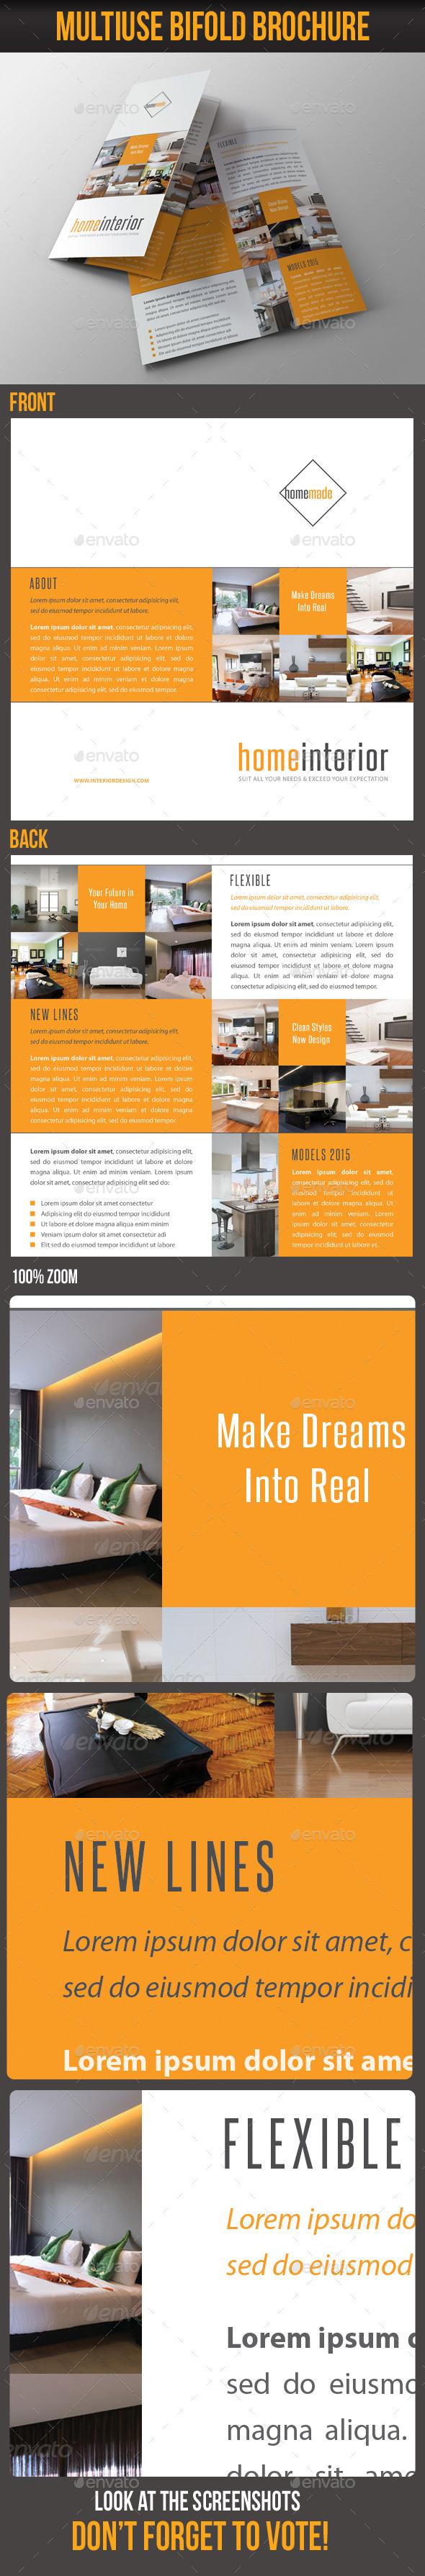 GraphicRiver Multiuse Bifold Brochure 66 8841530